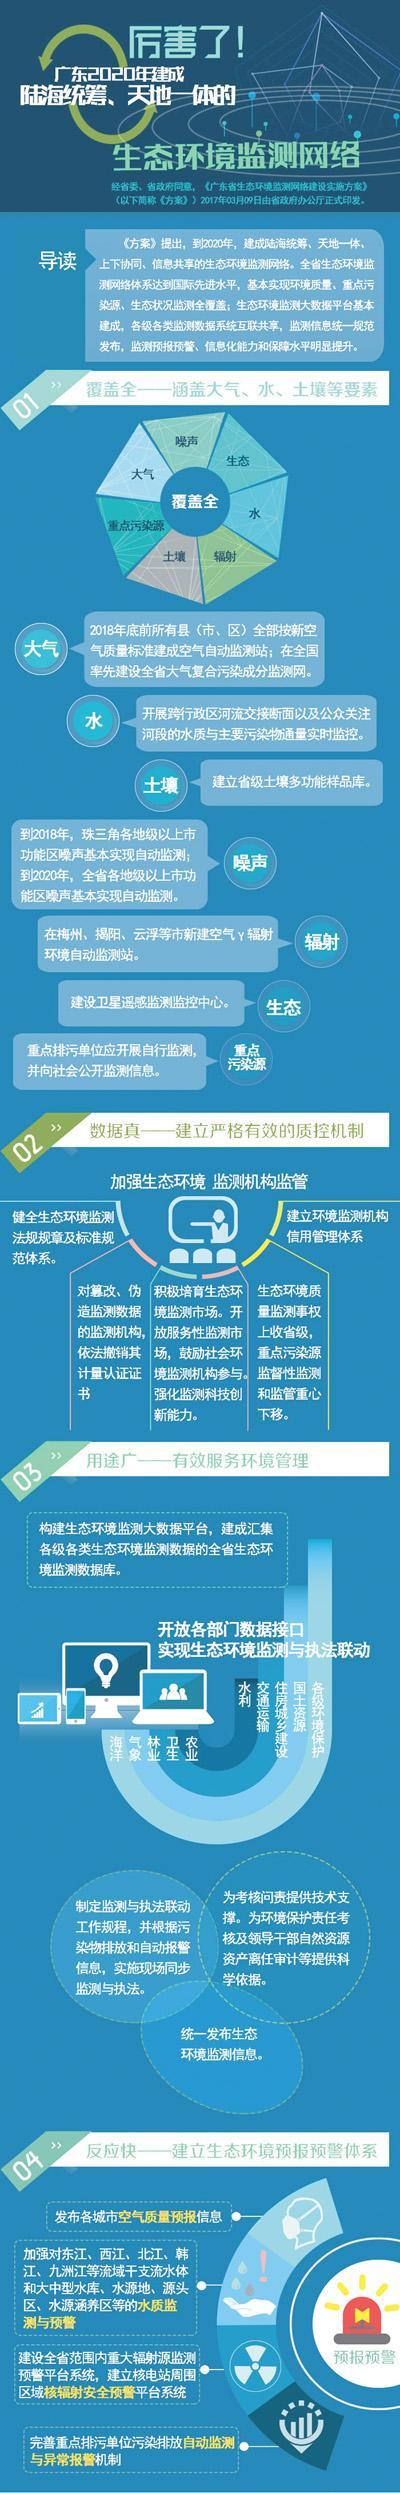 2012年广东各市gdp_2020年广州研发投入将占GDP3%